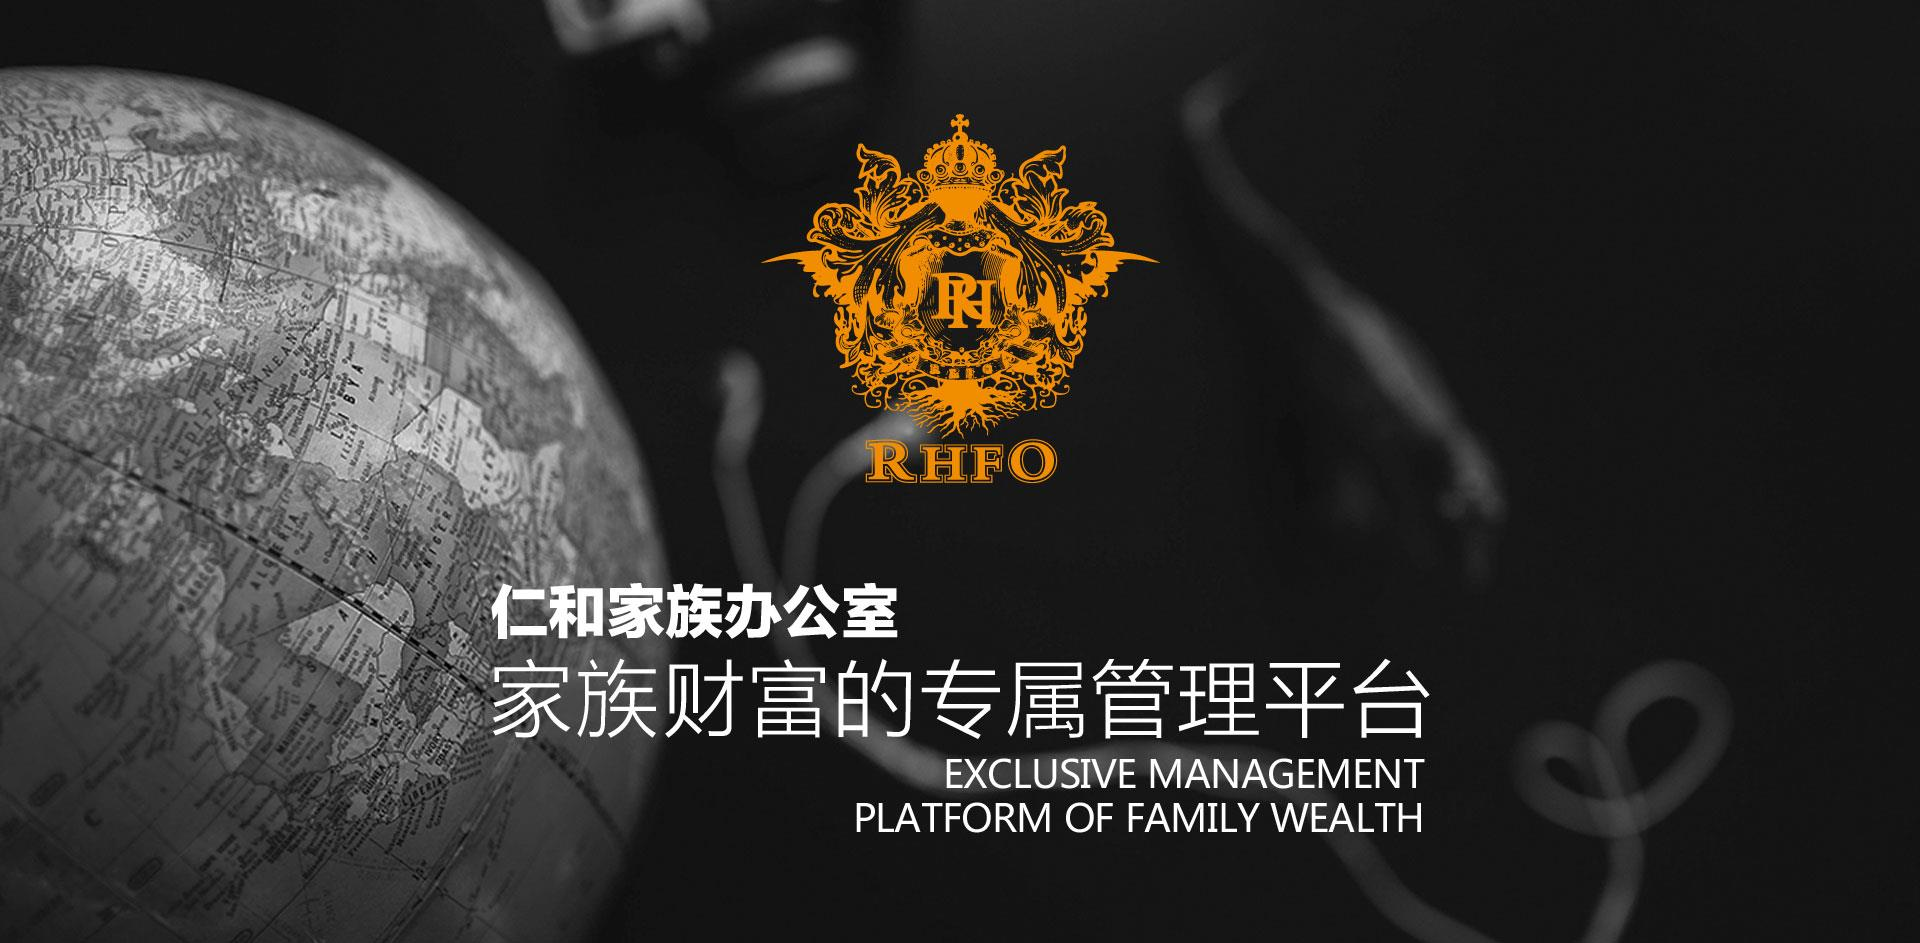 仁和家族办公室海外保险加盟